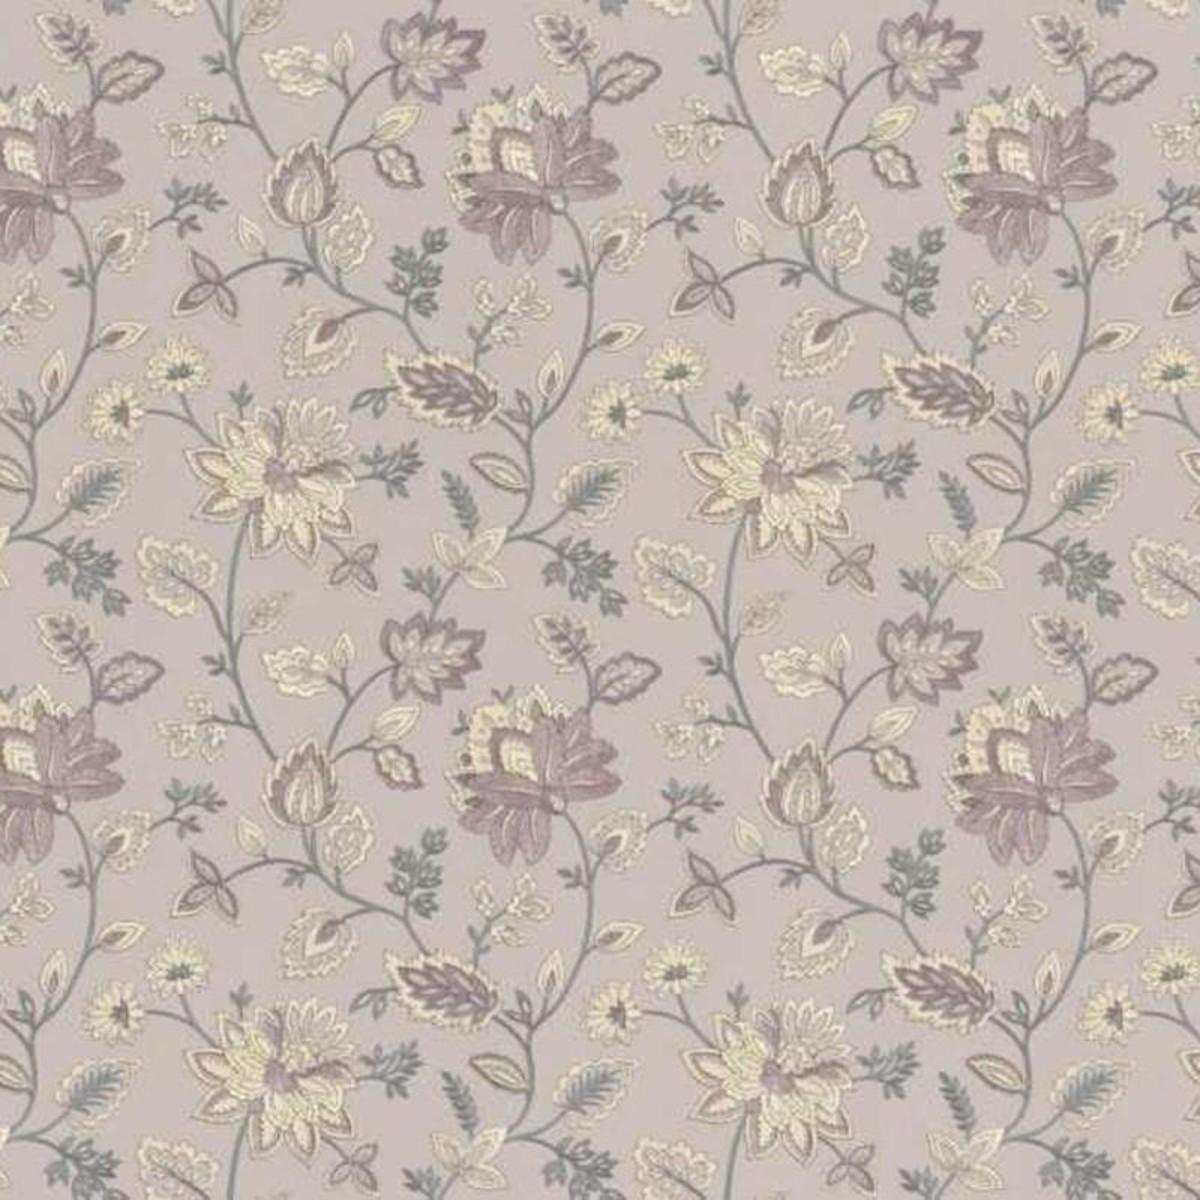 Обои флизелиновые Rasch Art Nouveau 2020 фиолетовые 1.06 м 958232